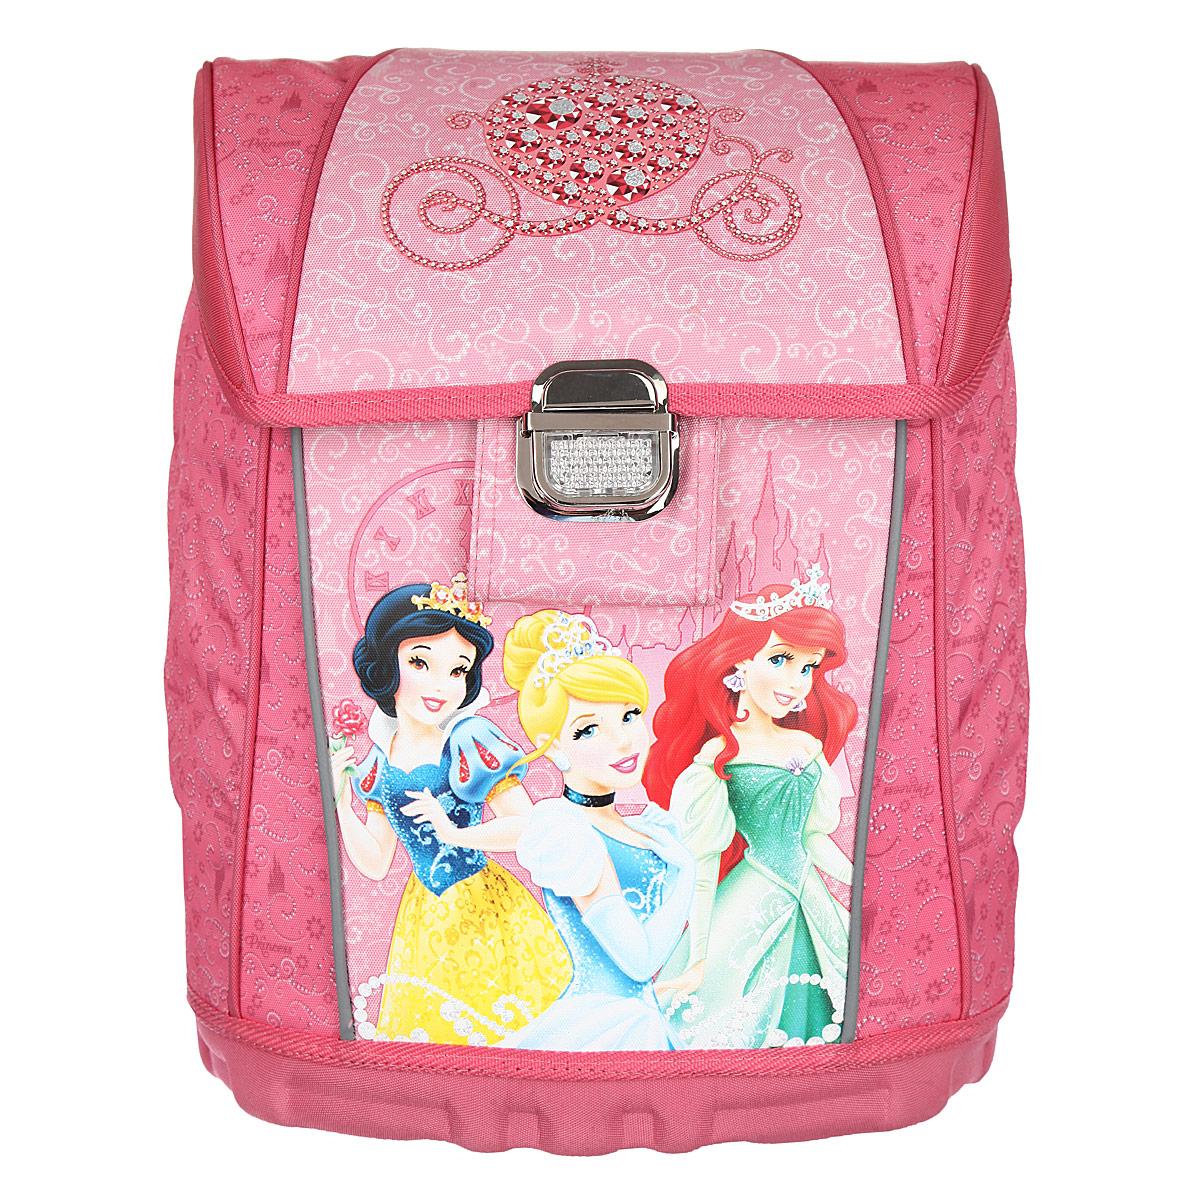 Ранец школьный Disney Princess, цвет: розовый, светло-розовый. 2490224902Ранец школьный Disney Princess обязательно привлечет внимание вашей школьницы.Он выполнен из прочного и водонепроницаемого материла розового, светло-розового цветов и оформлен изображением прекрасных принцесс.Содержит одно вместительное отделение, закрывающееся клапаном на замок-защелку. На внутренней части клапана находится прозрачный пластиковый кармашек, в который можно поместить данные о владельце. Внутри отделения имеются две мягкие перегородки для тетрадей или учебников, фиксирующиеся хлястиком на липучке. Одну из перегородок можно использовать для гаджетов. Также внутри отделения имеется брелок для ключей. Клапан полностью откидывается, что существенно облегчает пользование ранцем. Ранец имеет два боковых вертикальных кармана на молнии. Прочный каркас дна и боковых стенок ранца надежно защищает наполнение ранца от механических повреждений. Ортопедическая спинка равномерно распределяет нагрузку на плечевые суставы и спину. Конструкция спинки дополнена эргономичными подушечками, противоскользящей сеточкой и системой вентиляции для предотвращения запотевания спины ребенка. Мягкие широкие лямки позволяют легко и быстро отрегулировать рюкзак в соответствии с ростом. Ранец оснащен эргономичной ручкой для удобной переноски в руке. Благодаря прочному высокому дну ранец хорошо устойчив и защищен от загрязнений. Светоотражающие элементы обеспечивают дополнительную безопасность в темное время суток.Многофункциональный школьный ранец станет незаменимым спутником вашего ребенка в походах за знаниями.Вес ранца без наполнения: 1 кг.Рекомендуемый возраст: от 7 лет.